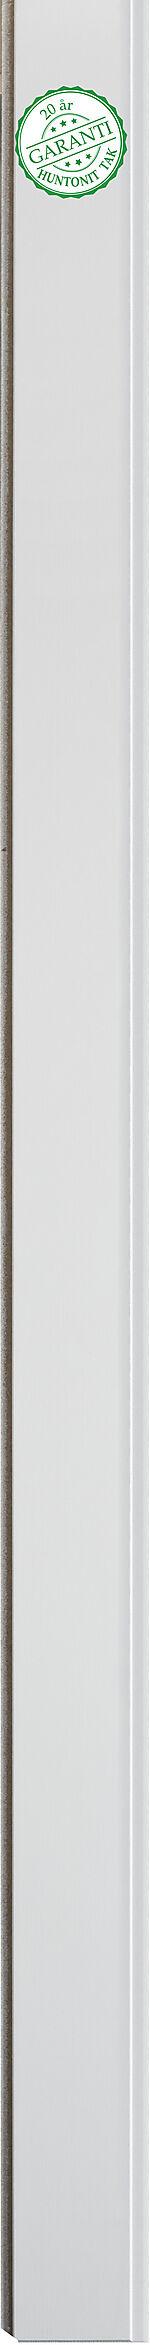 Trefiber panelbord 11x142x2420 mm hvitmalt